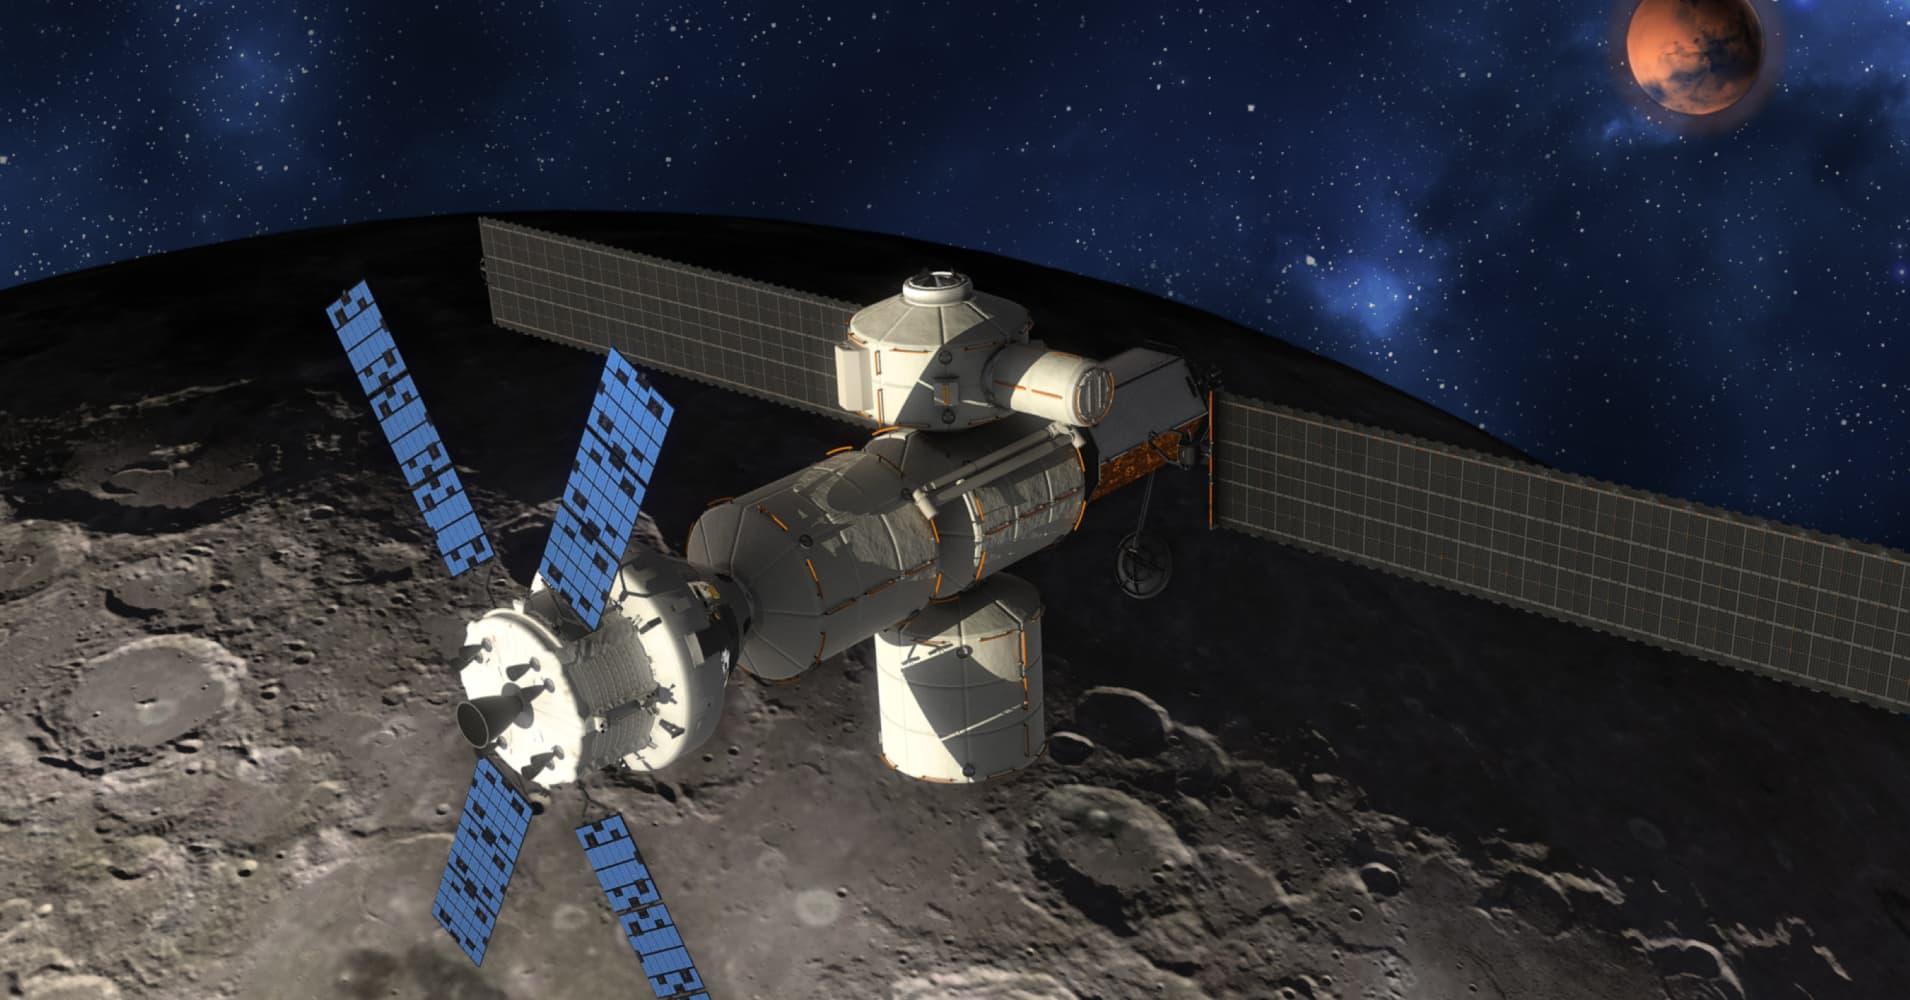 lunar deep space - photo #12